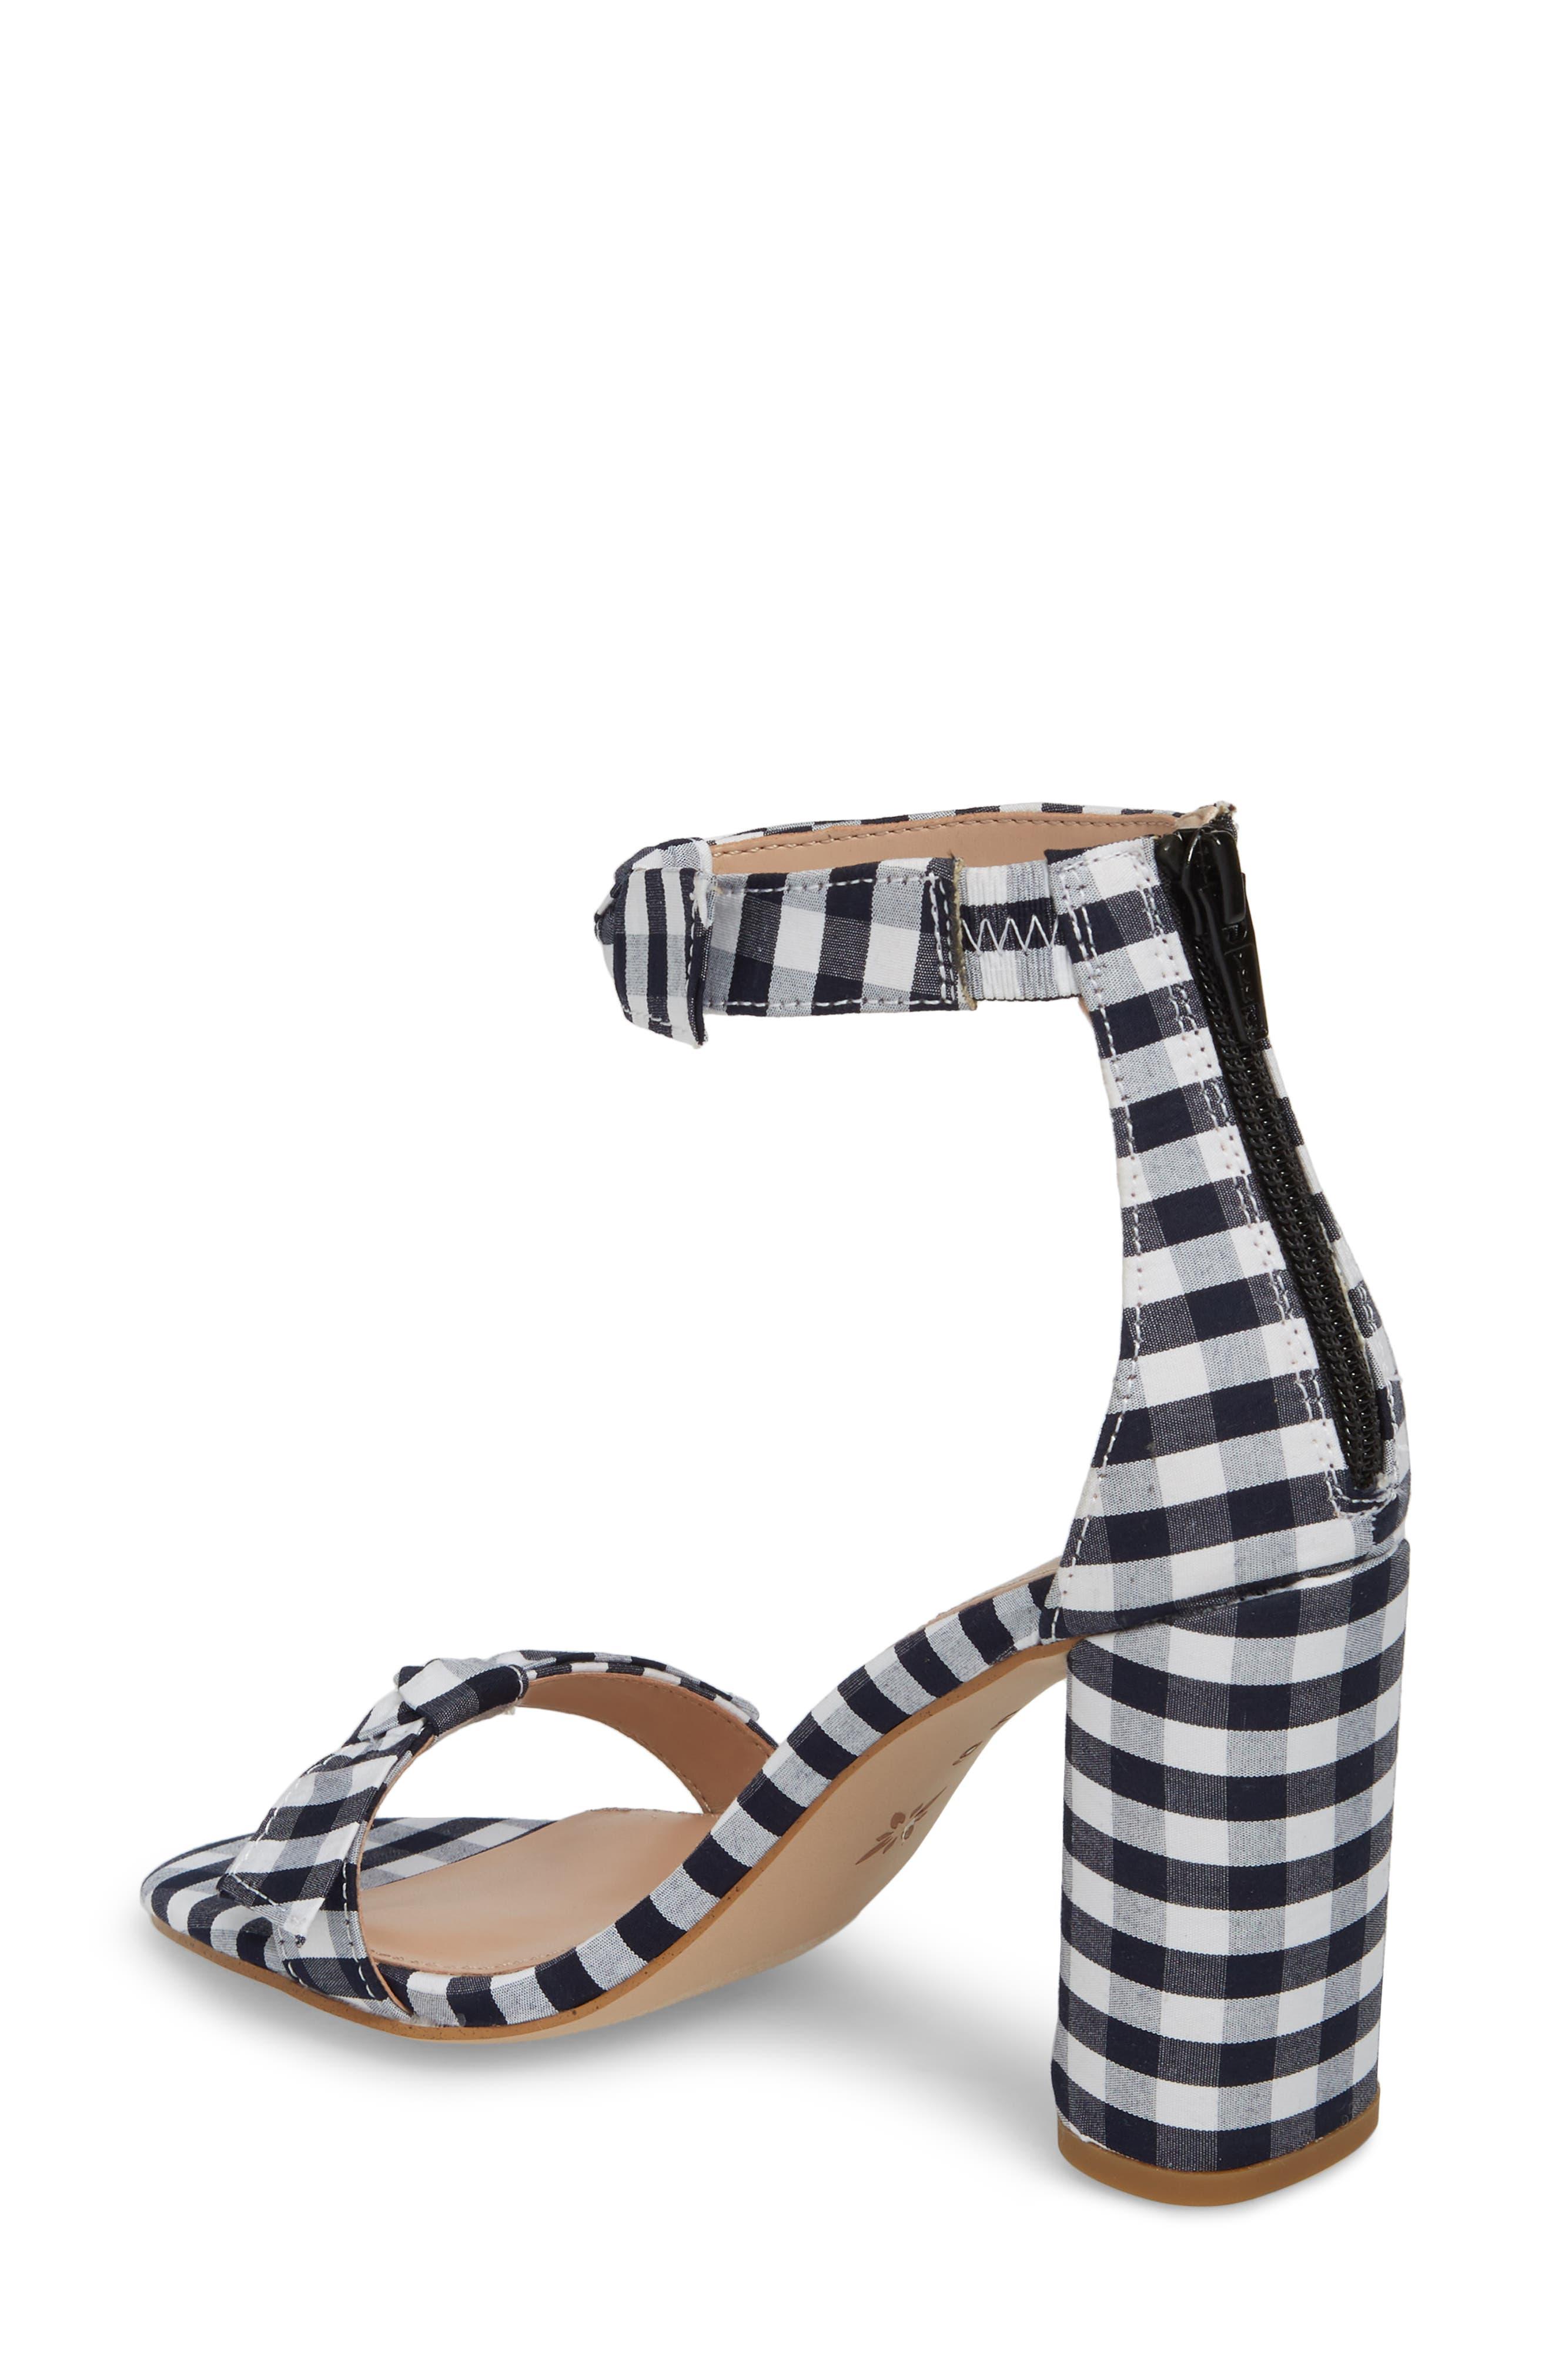 Faedra Ankle Strap Sandal,                             Alternate thumbnail 2, color,                             Dark Blue/ White